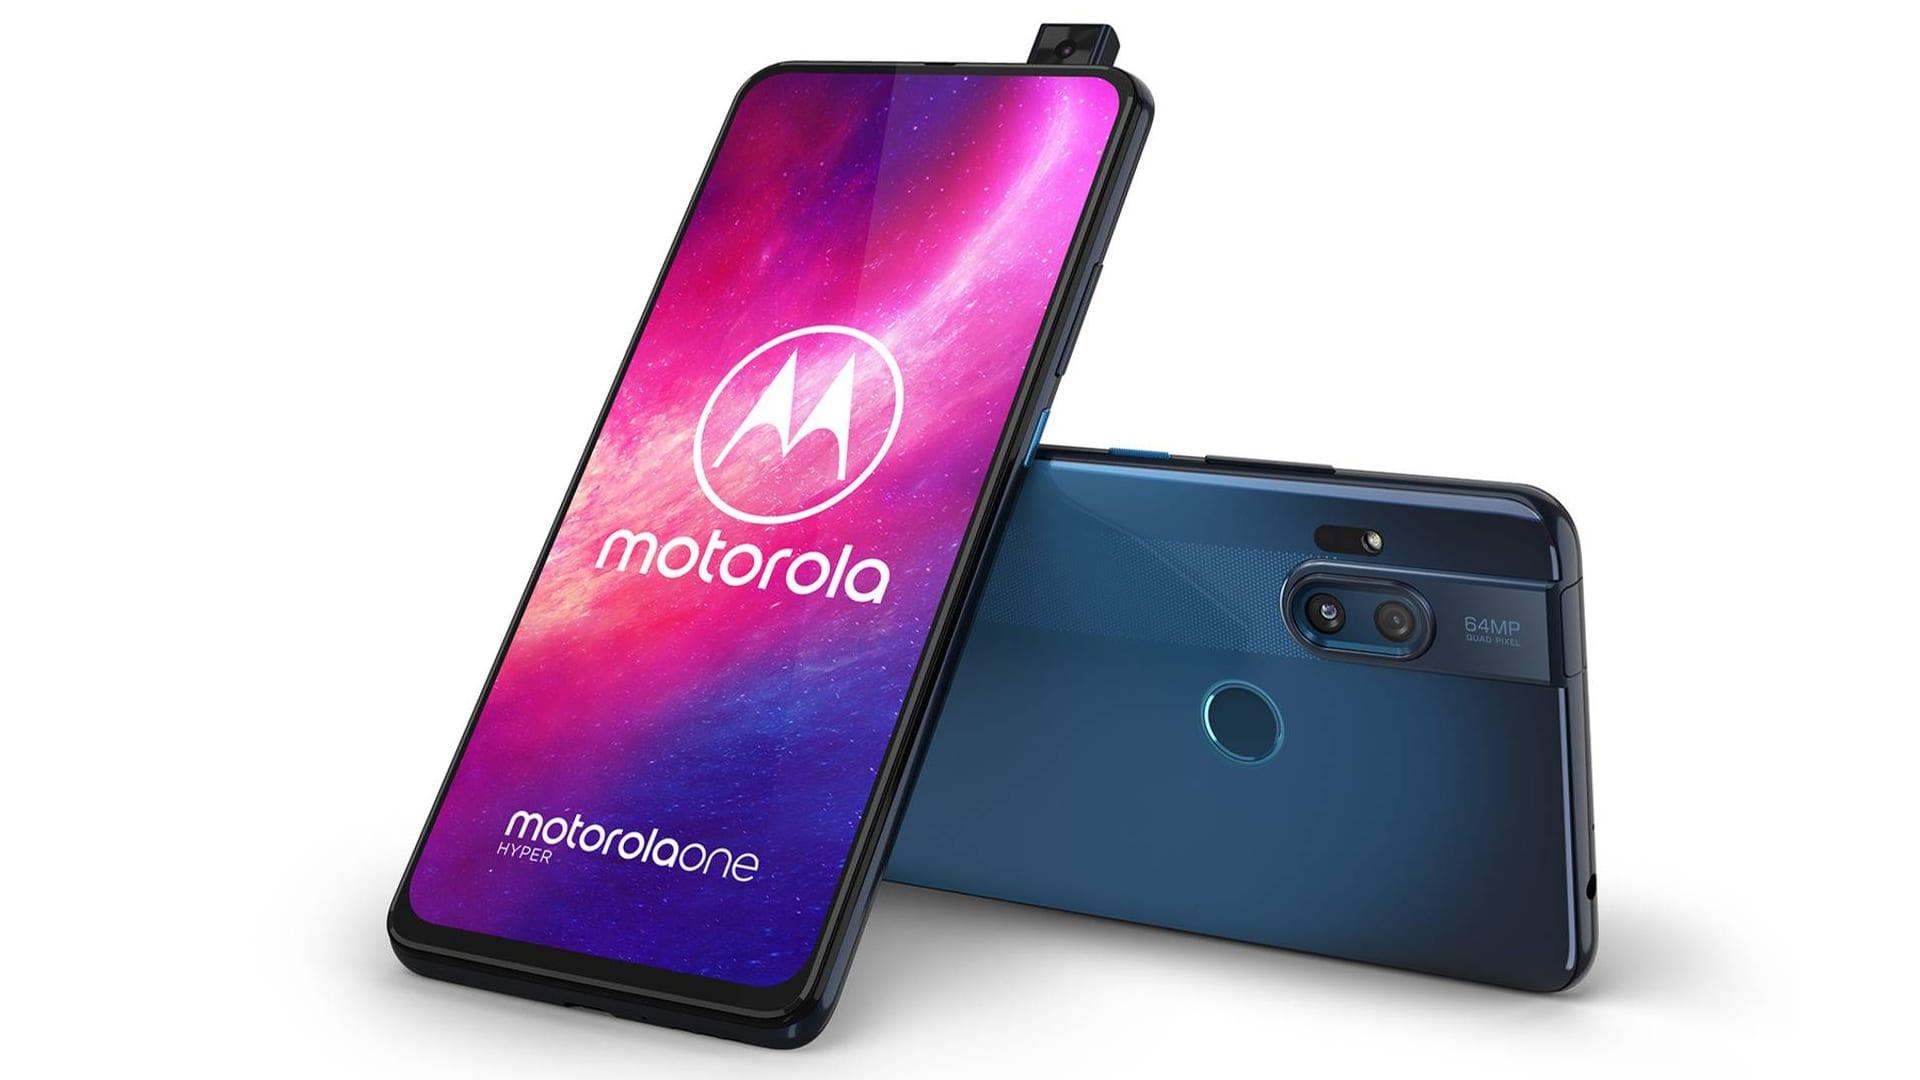 شركة Motorola تطلق هاتفها الجديد One Hyper بنظام Android 10 وبسعر 399 دولار